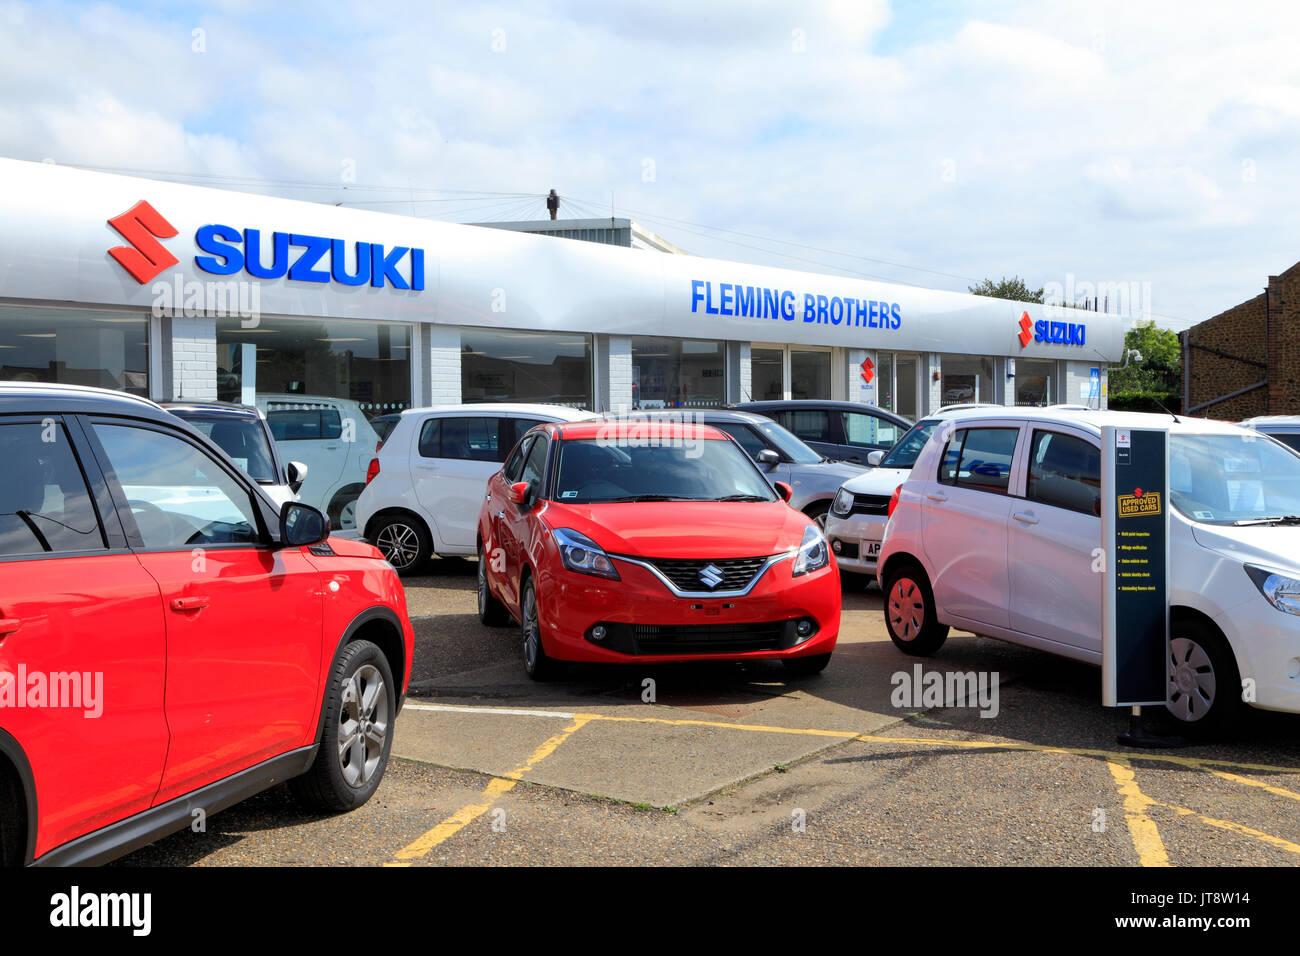 Suzuki Car Dealership >> Suzuki Car Dealers Main Dealership Dealer Dealerships